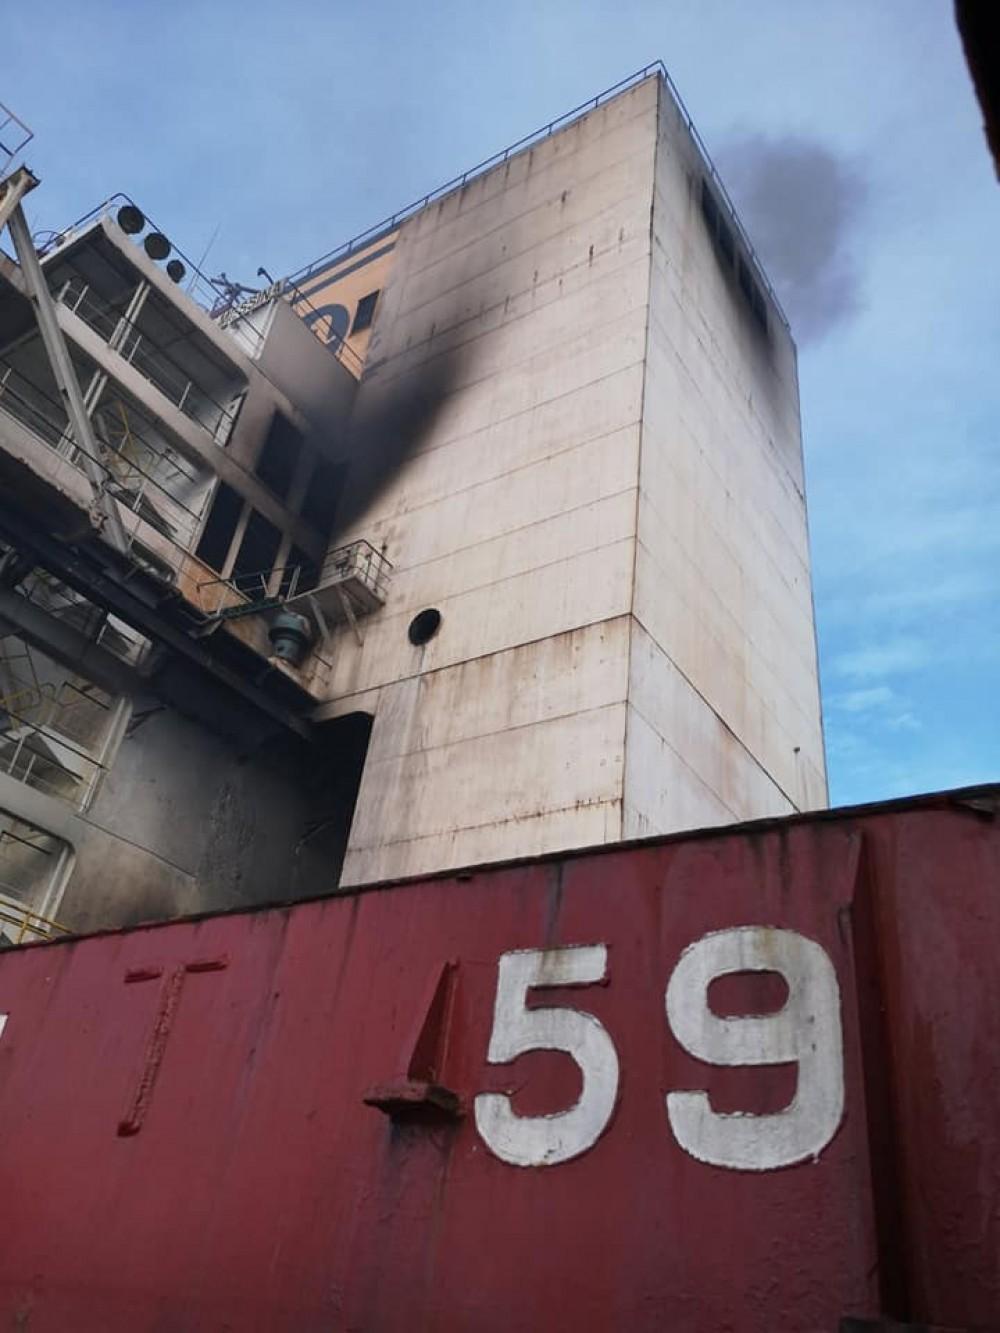 Пожар на контейнеровозе у Шри-Ланки // Одессит сгорел заживо в машинном отделении